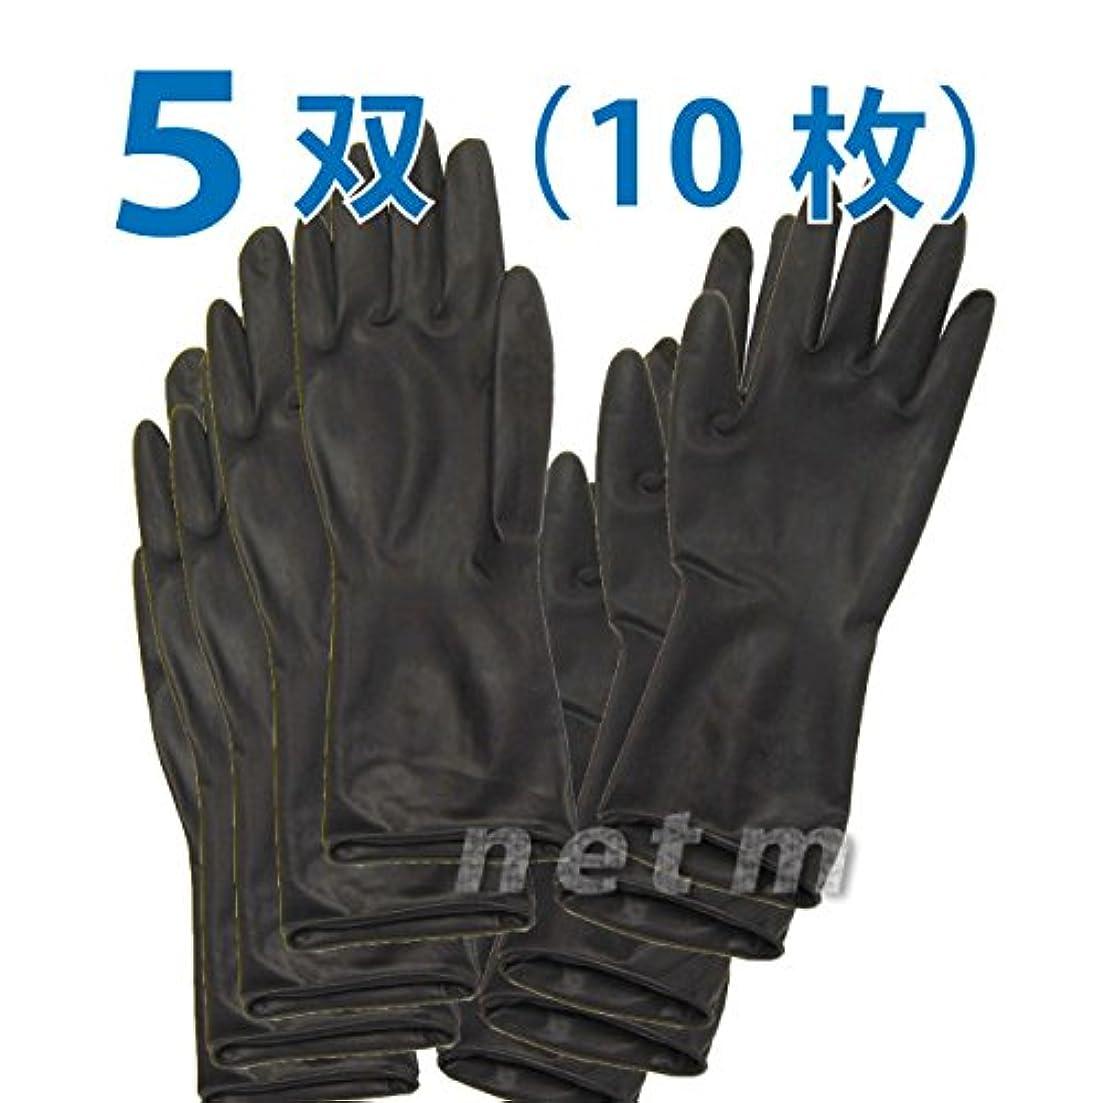 巨大なヒュームデコレーションオカモト ブラックグローブ ロングタイプ Mサイズ  5双(10枚)